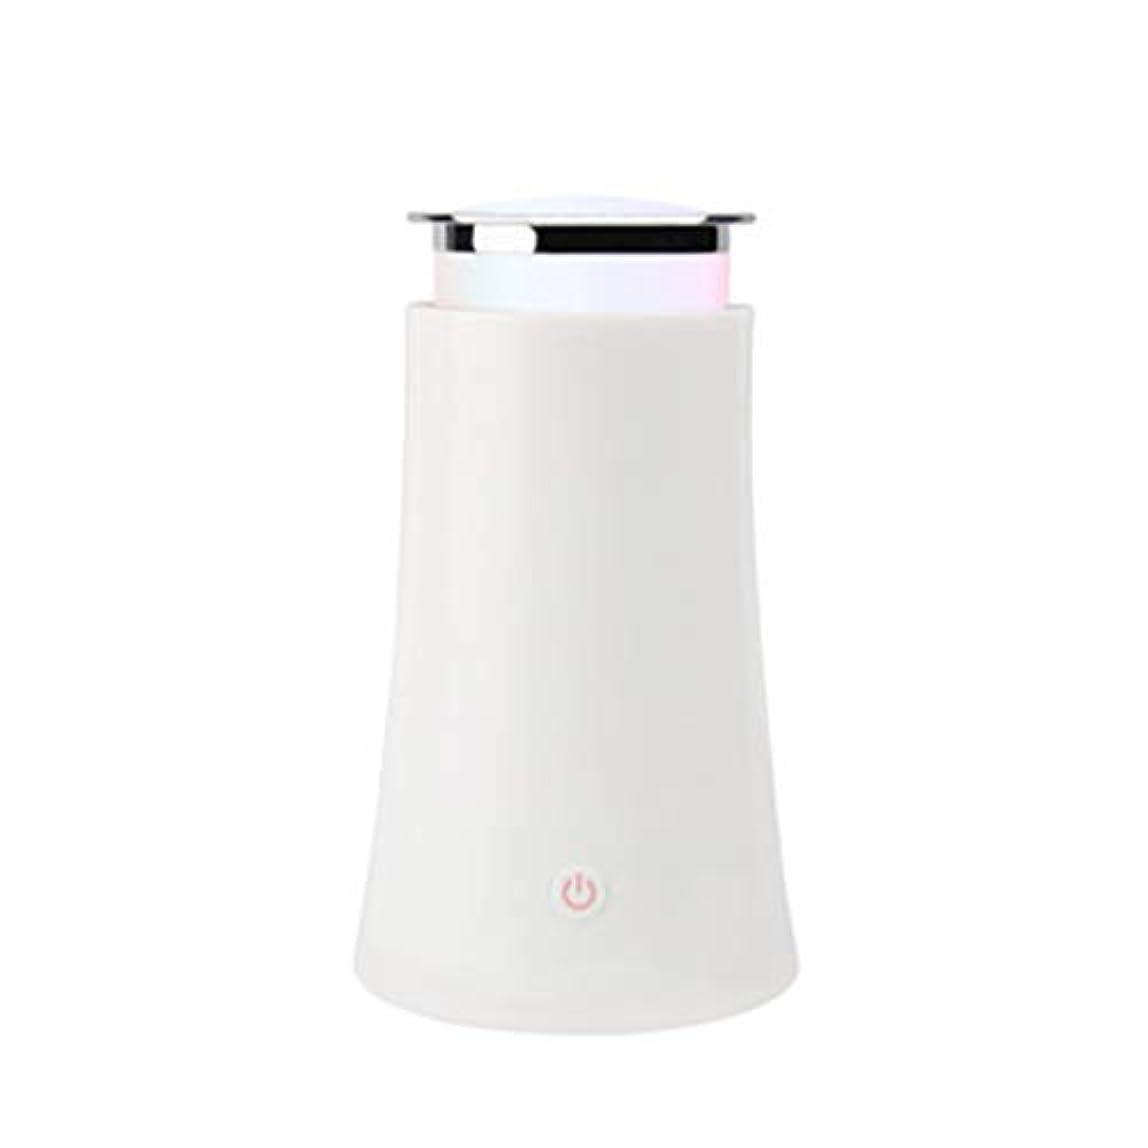 明るくするアシスト持続的サイレントカラースプレー機超音波加湿器プラグイン加湿器香機世帯 (Color : White)